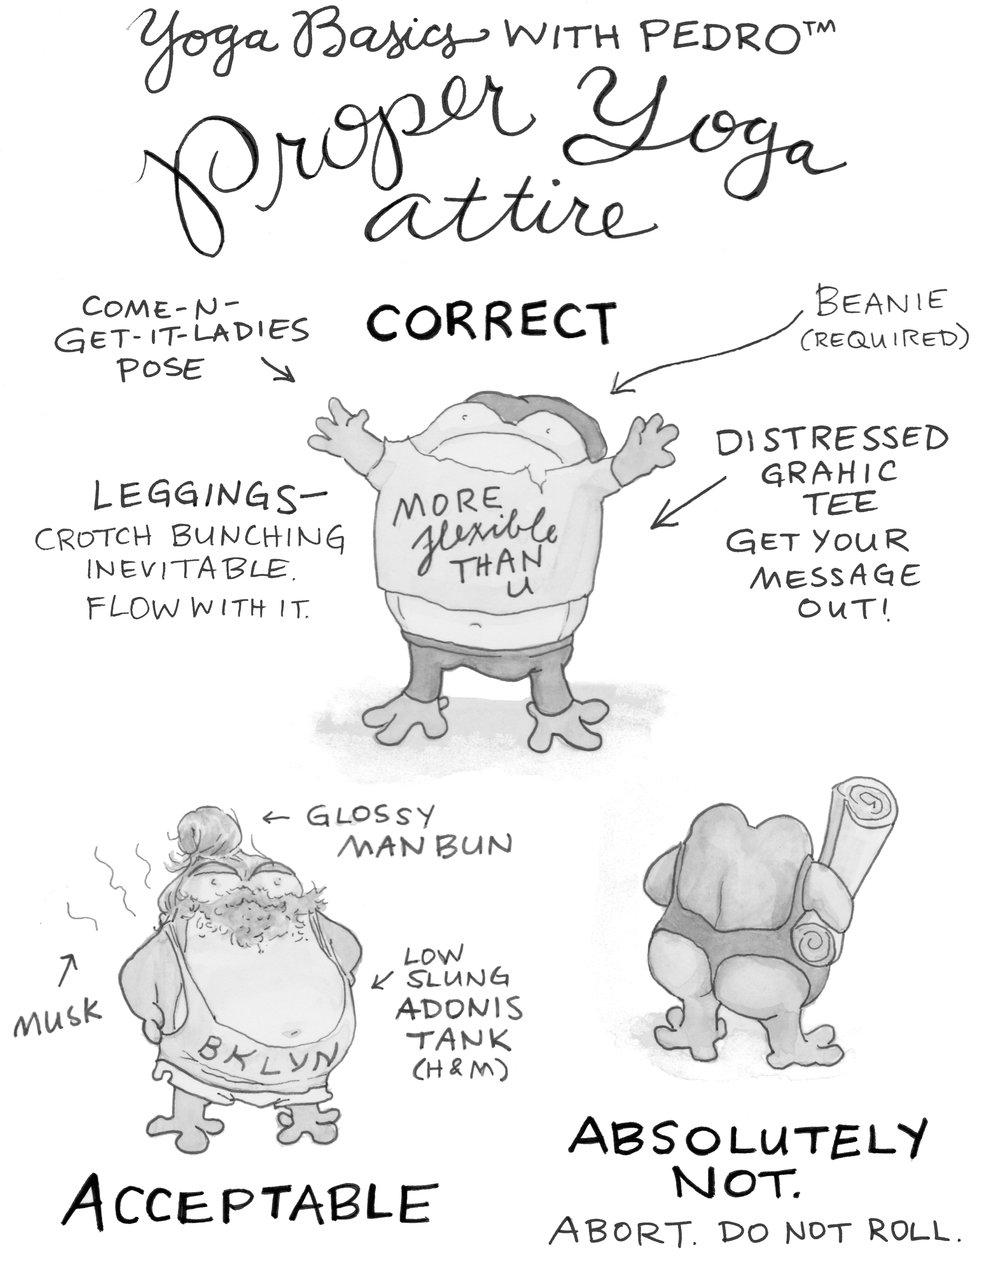 Proper Yoga Attire 1.jpg